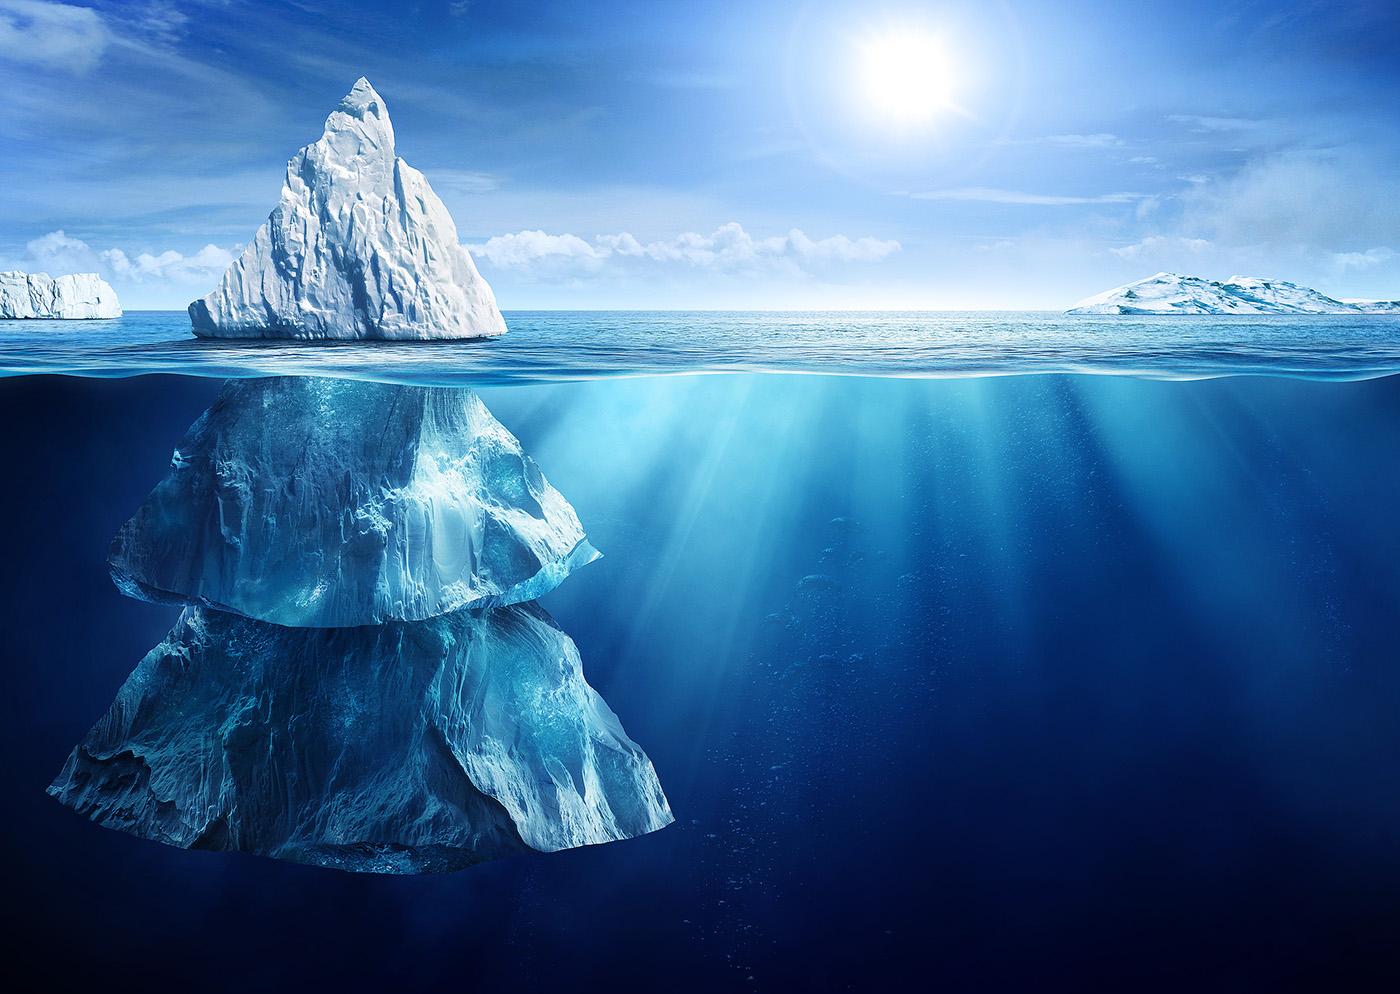 фотострана предлагает фото подводной части айсберга любом